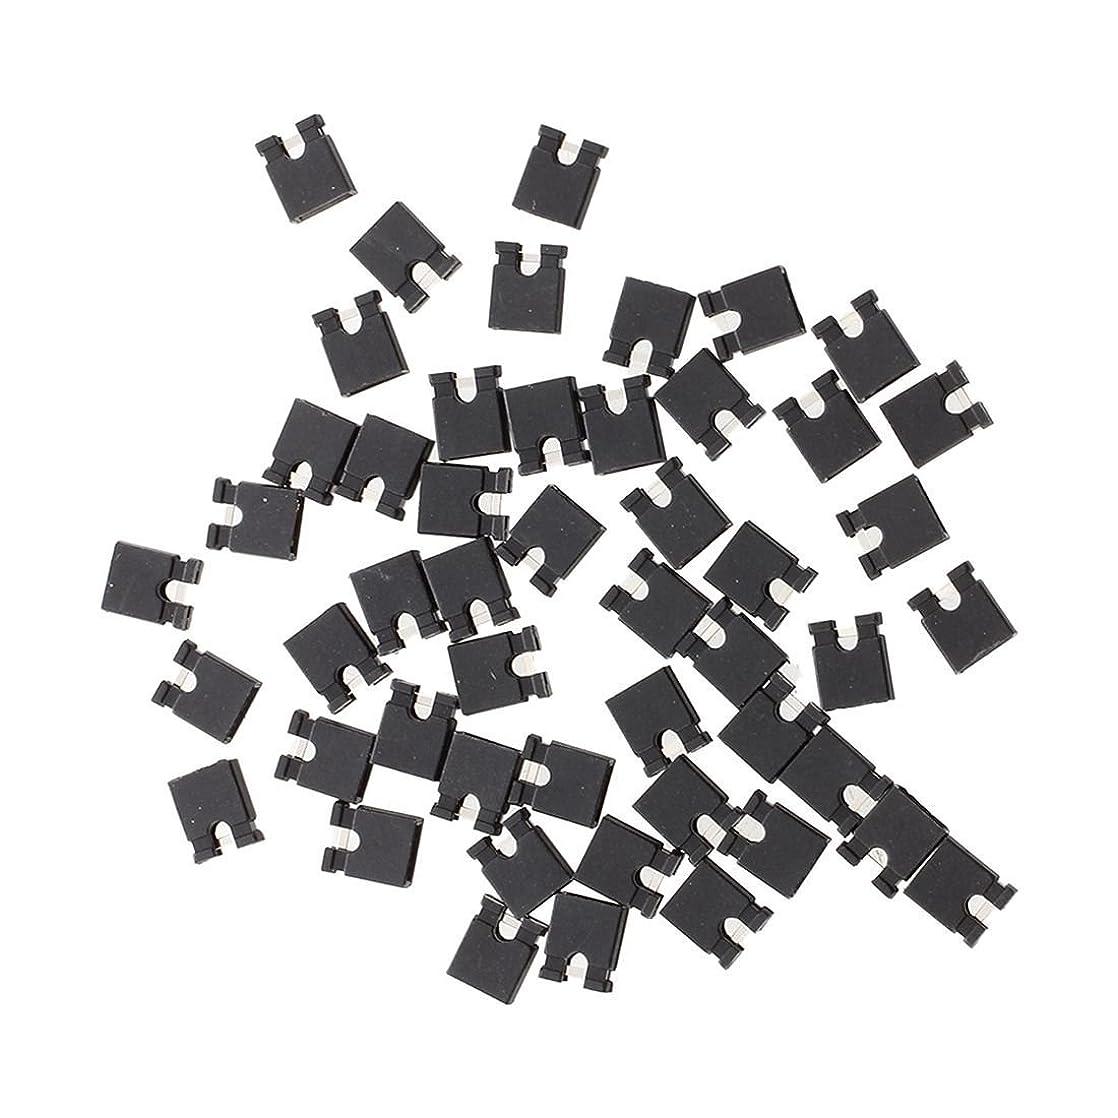 致死ソートたくさんのSODIAL(R)黒いジャンパー キャップX50  2.54mm